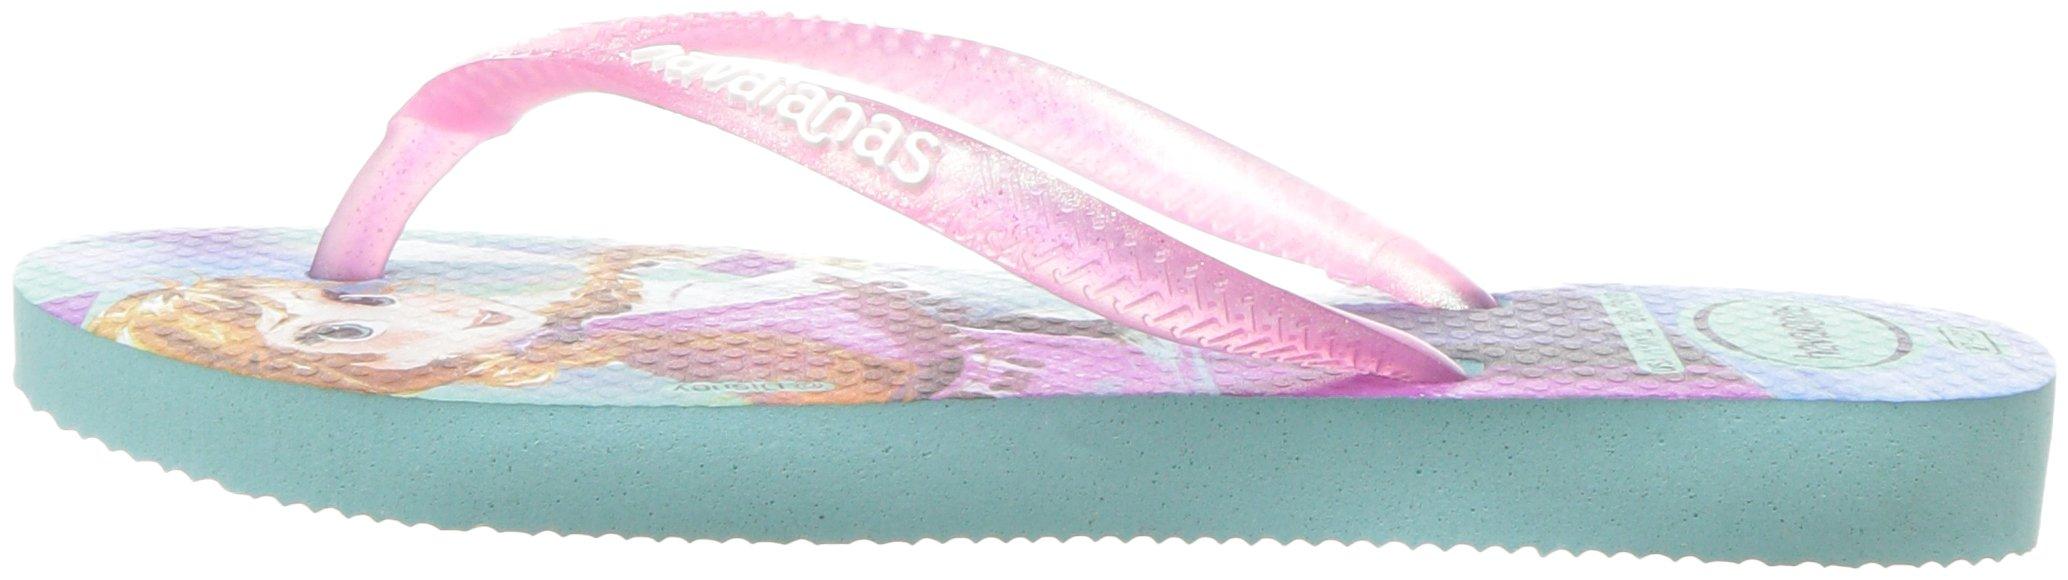 Havaianas Girls Slim Flip Flop Sandals, Kids, Frozen, Elsa & Anna,Green/Pink,25/26 BR (10 M US Toddler) by Havaianas (Image #5)